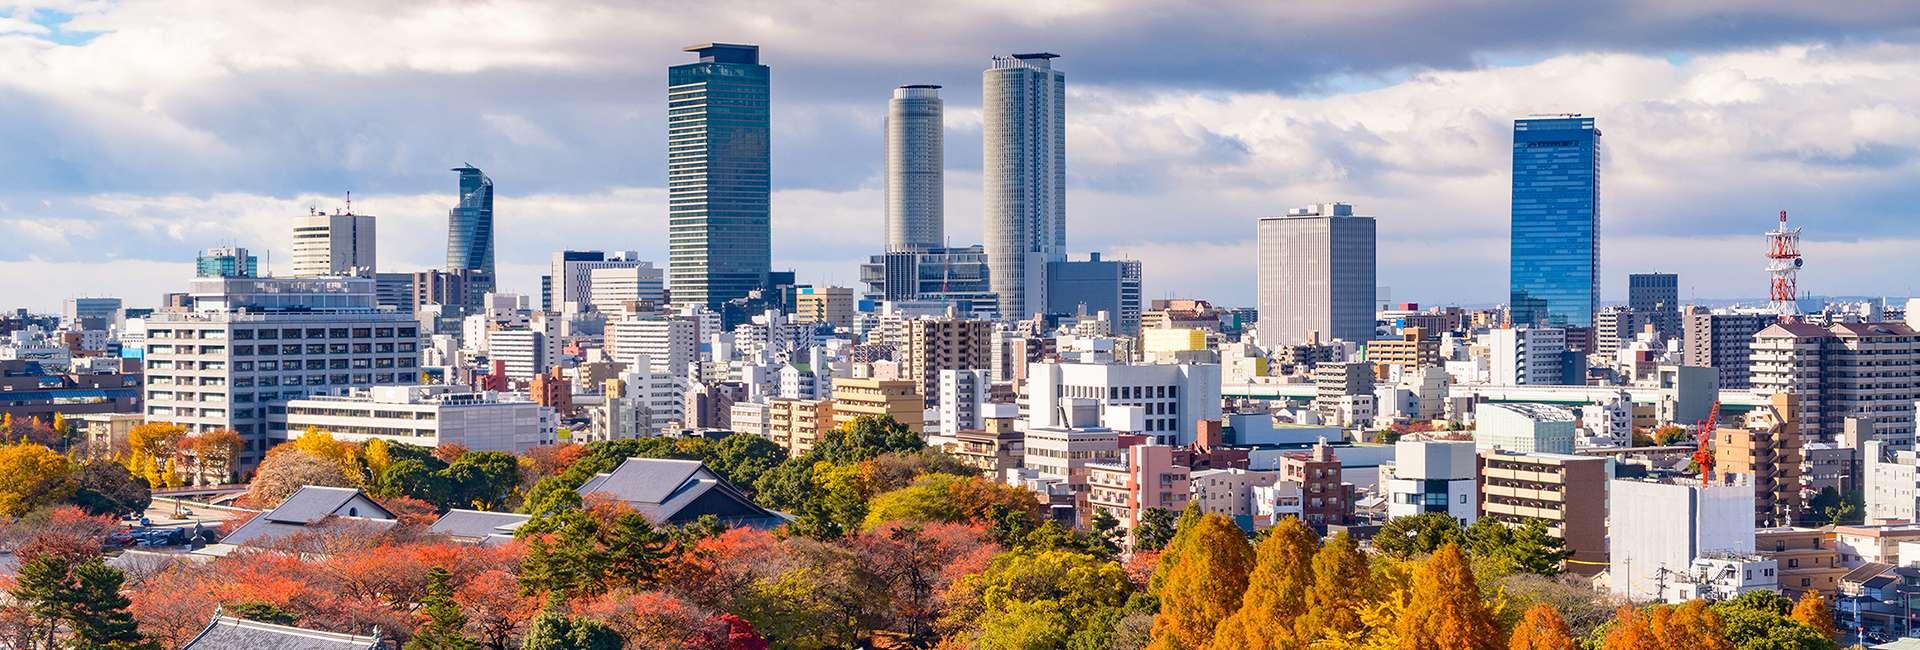 vue de Nagoya au Japon